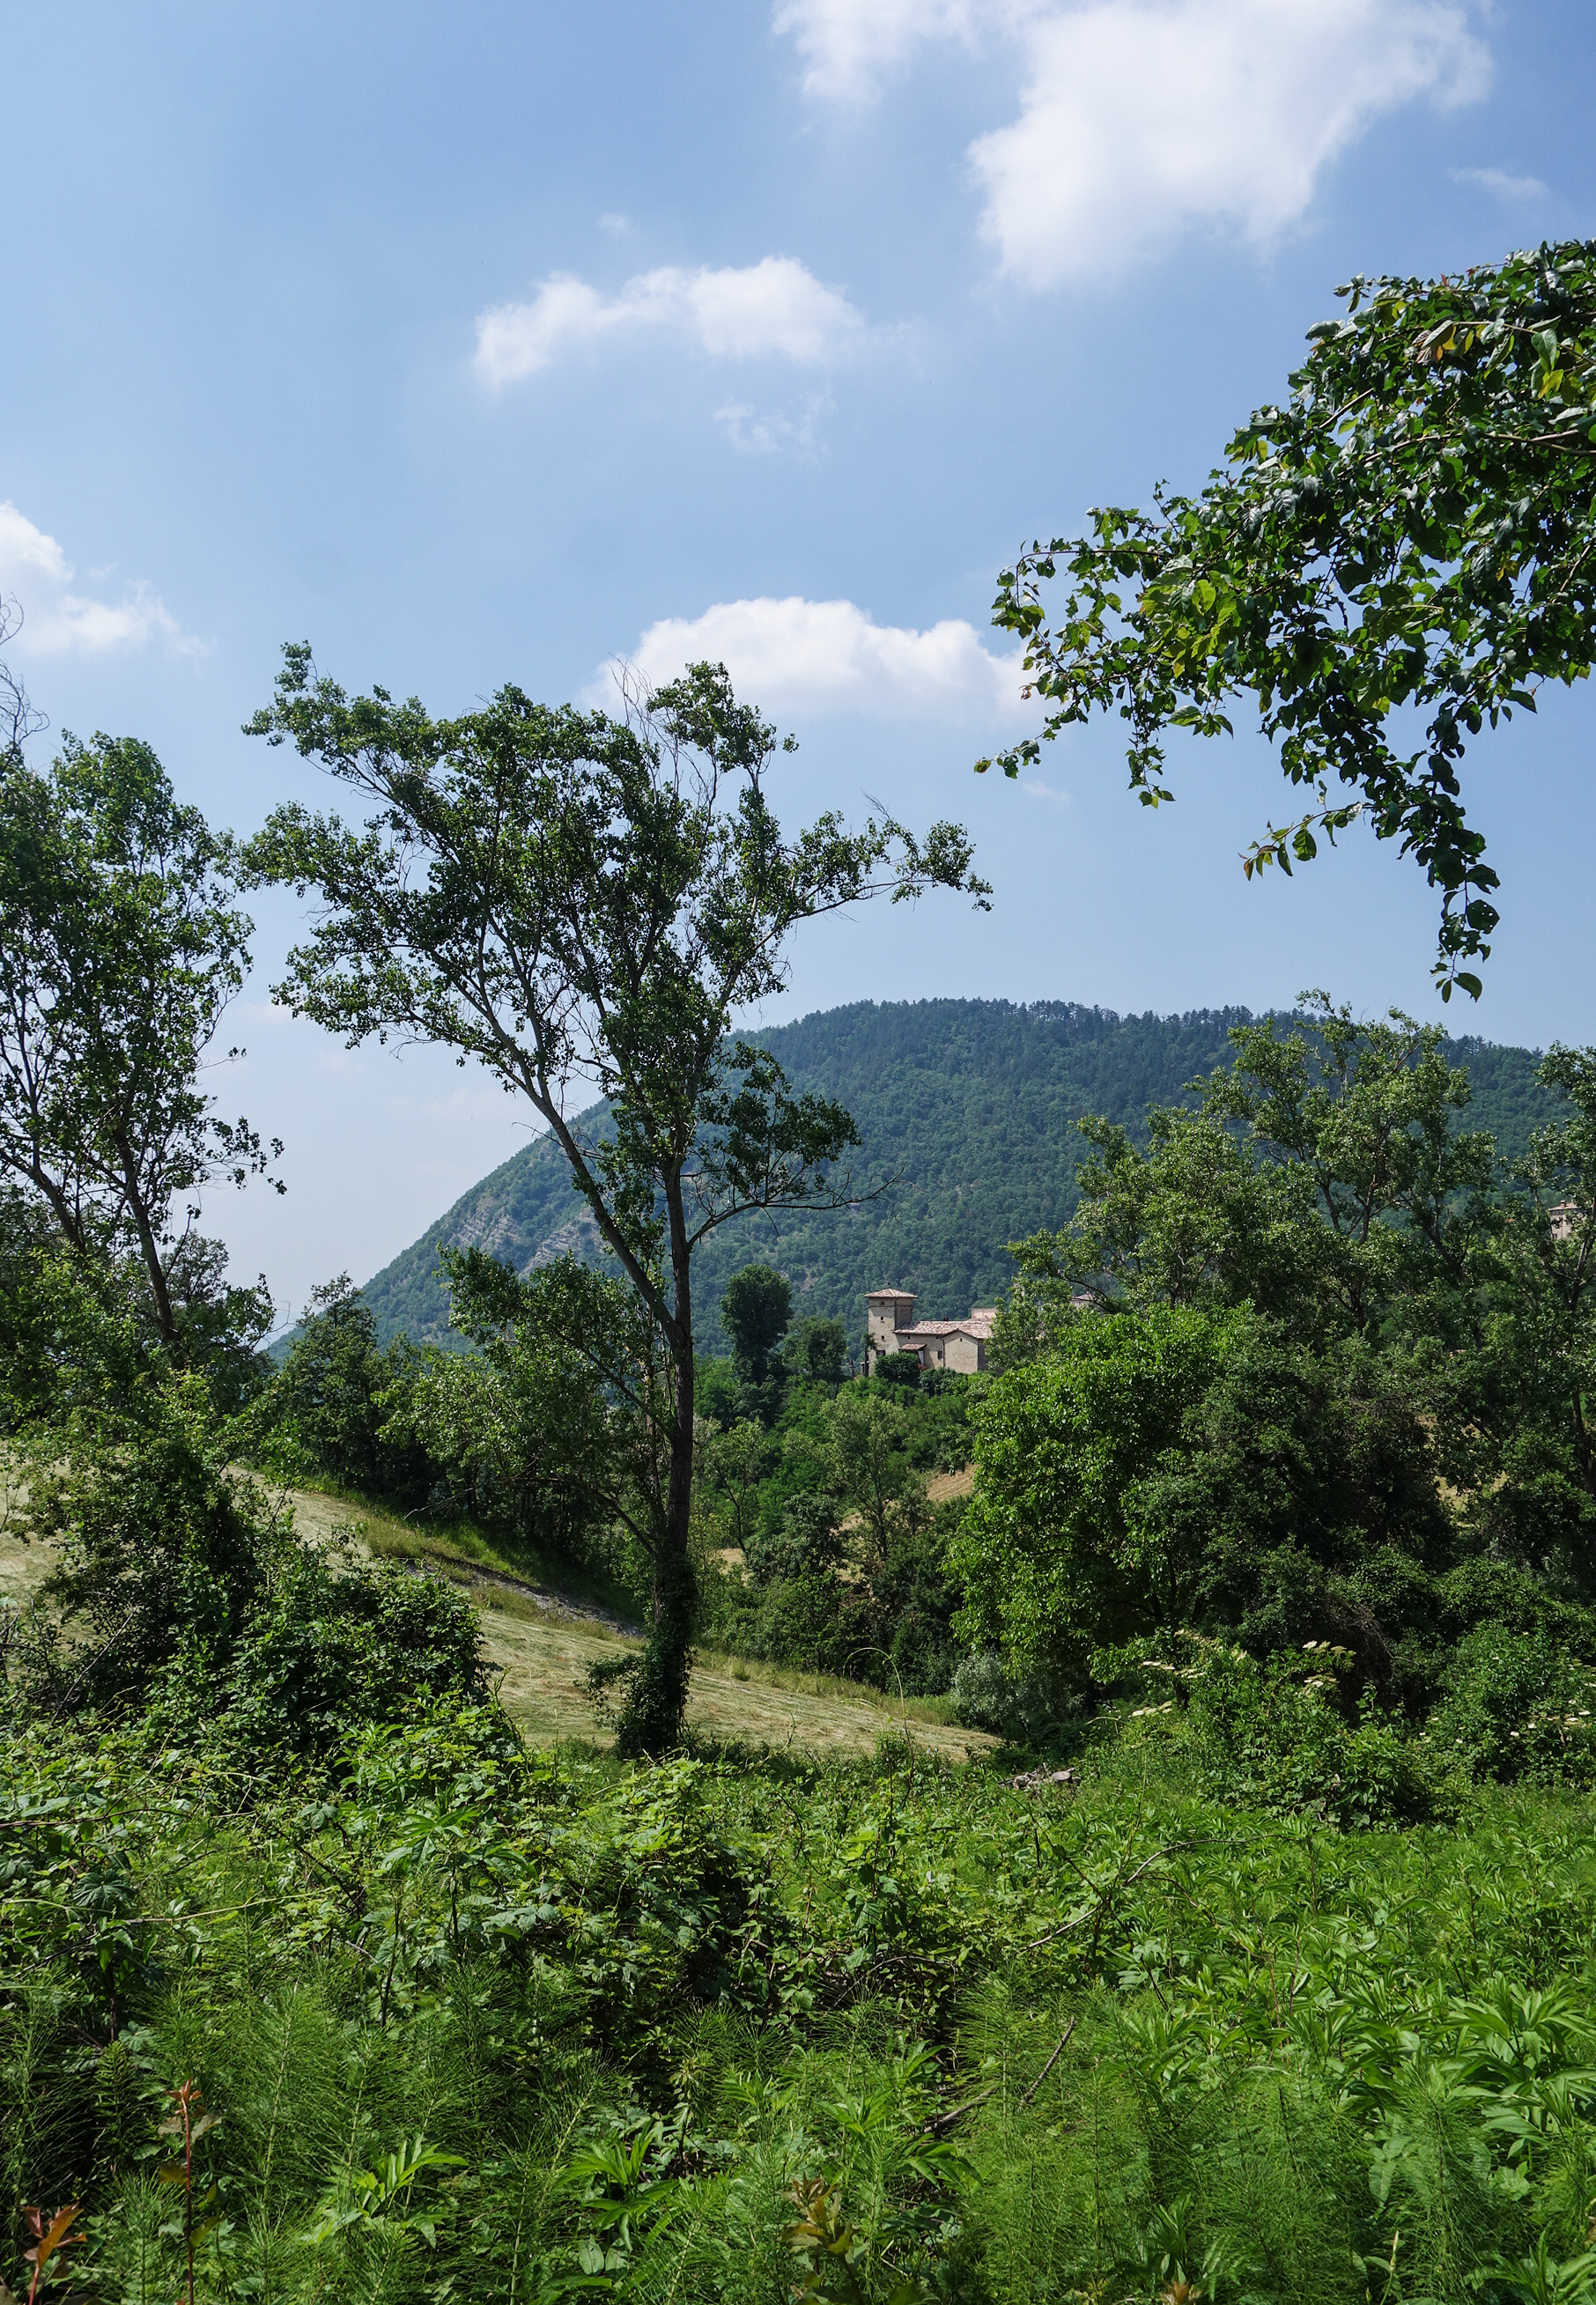 Randonnée en Italie: instants champêtres à Zocca